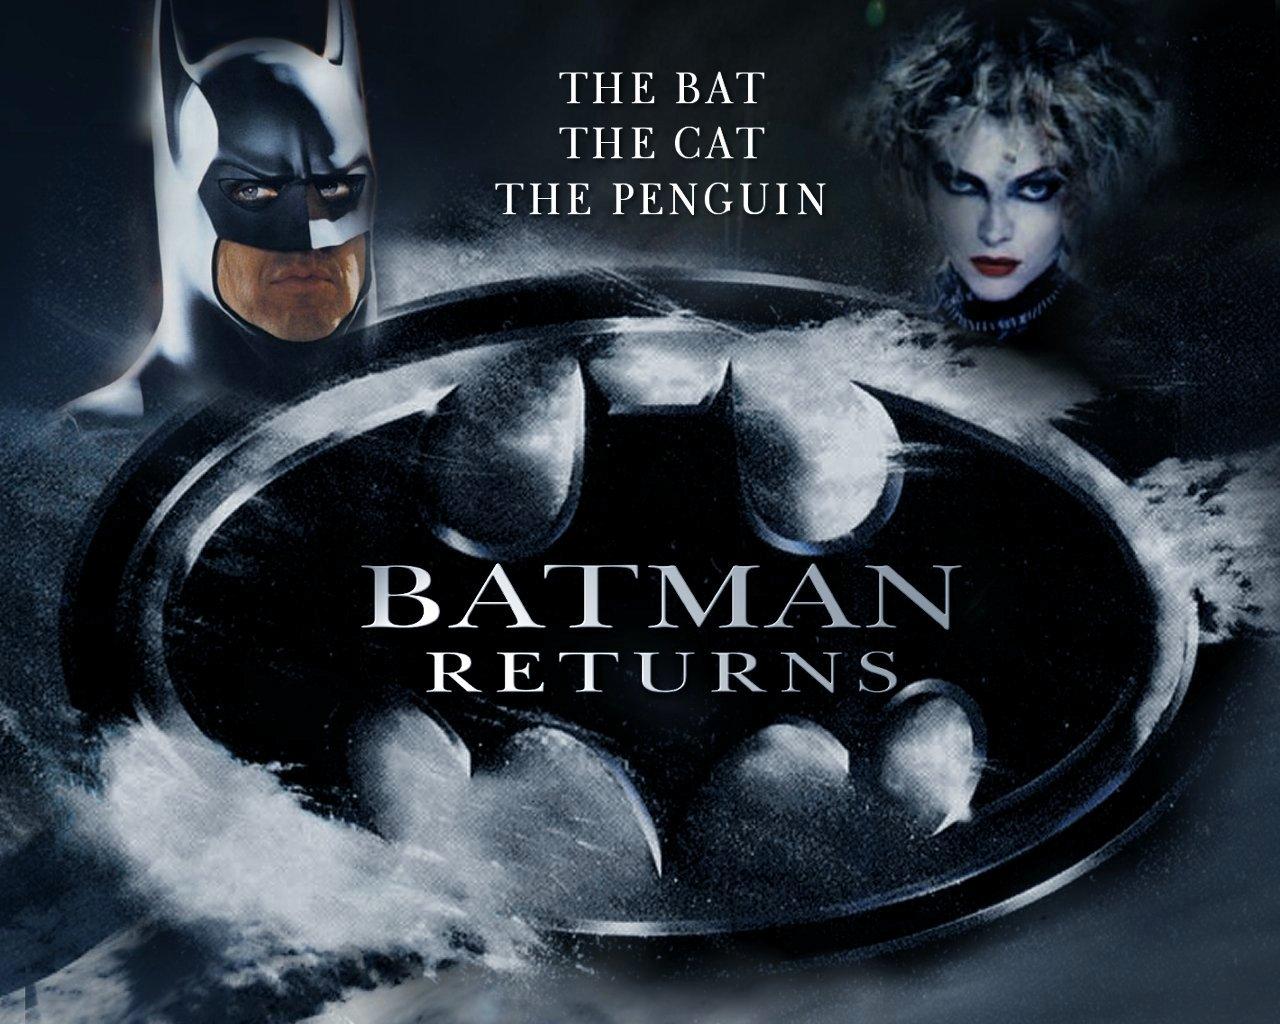 Batman Returns Wallpaper 10   1280 X 1024 stmednet 1280x1024